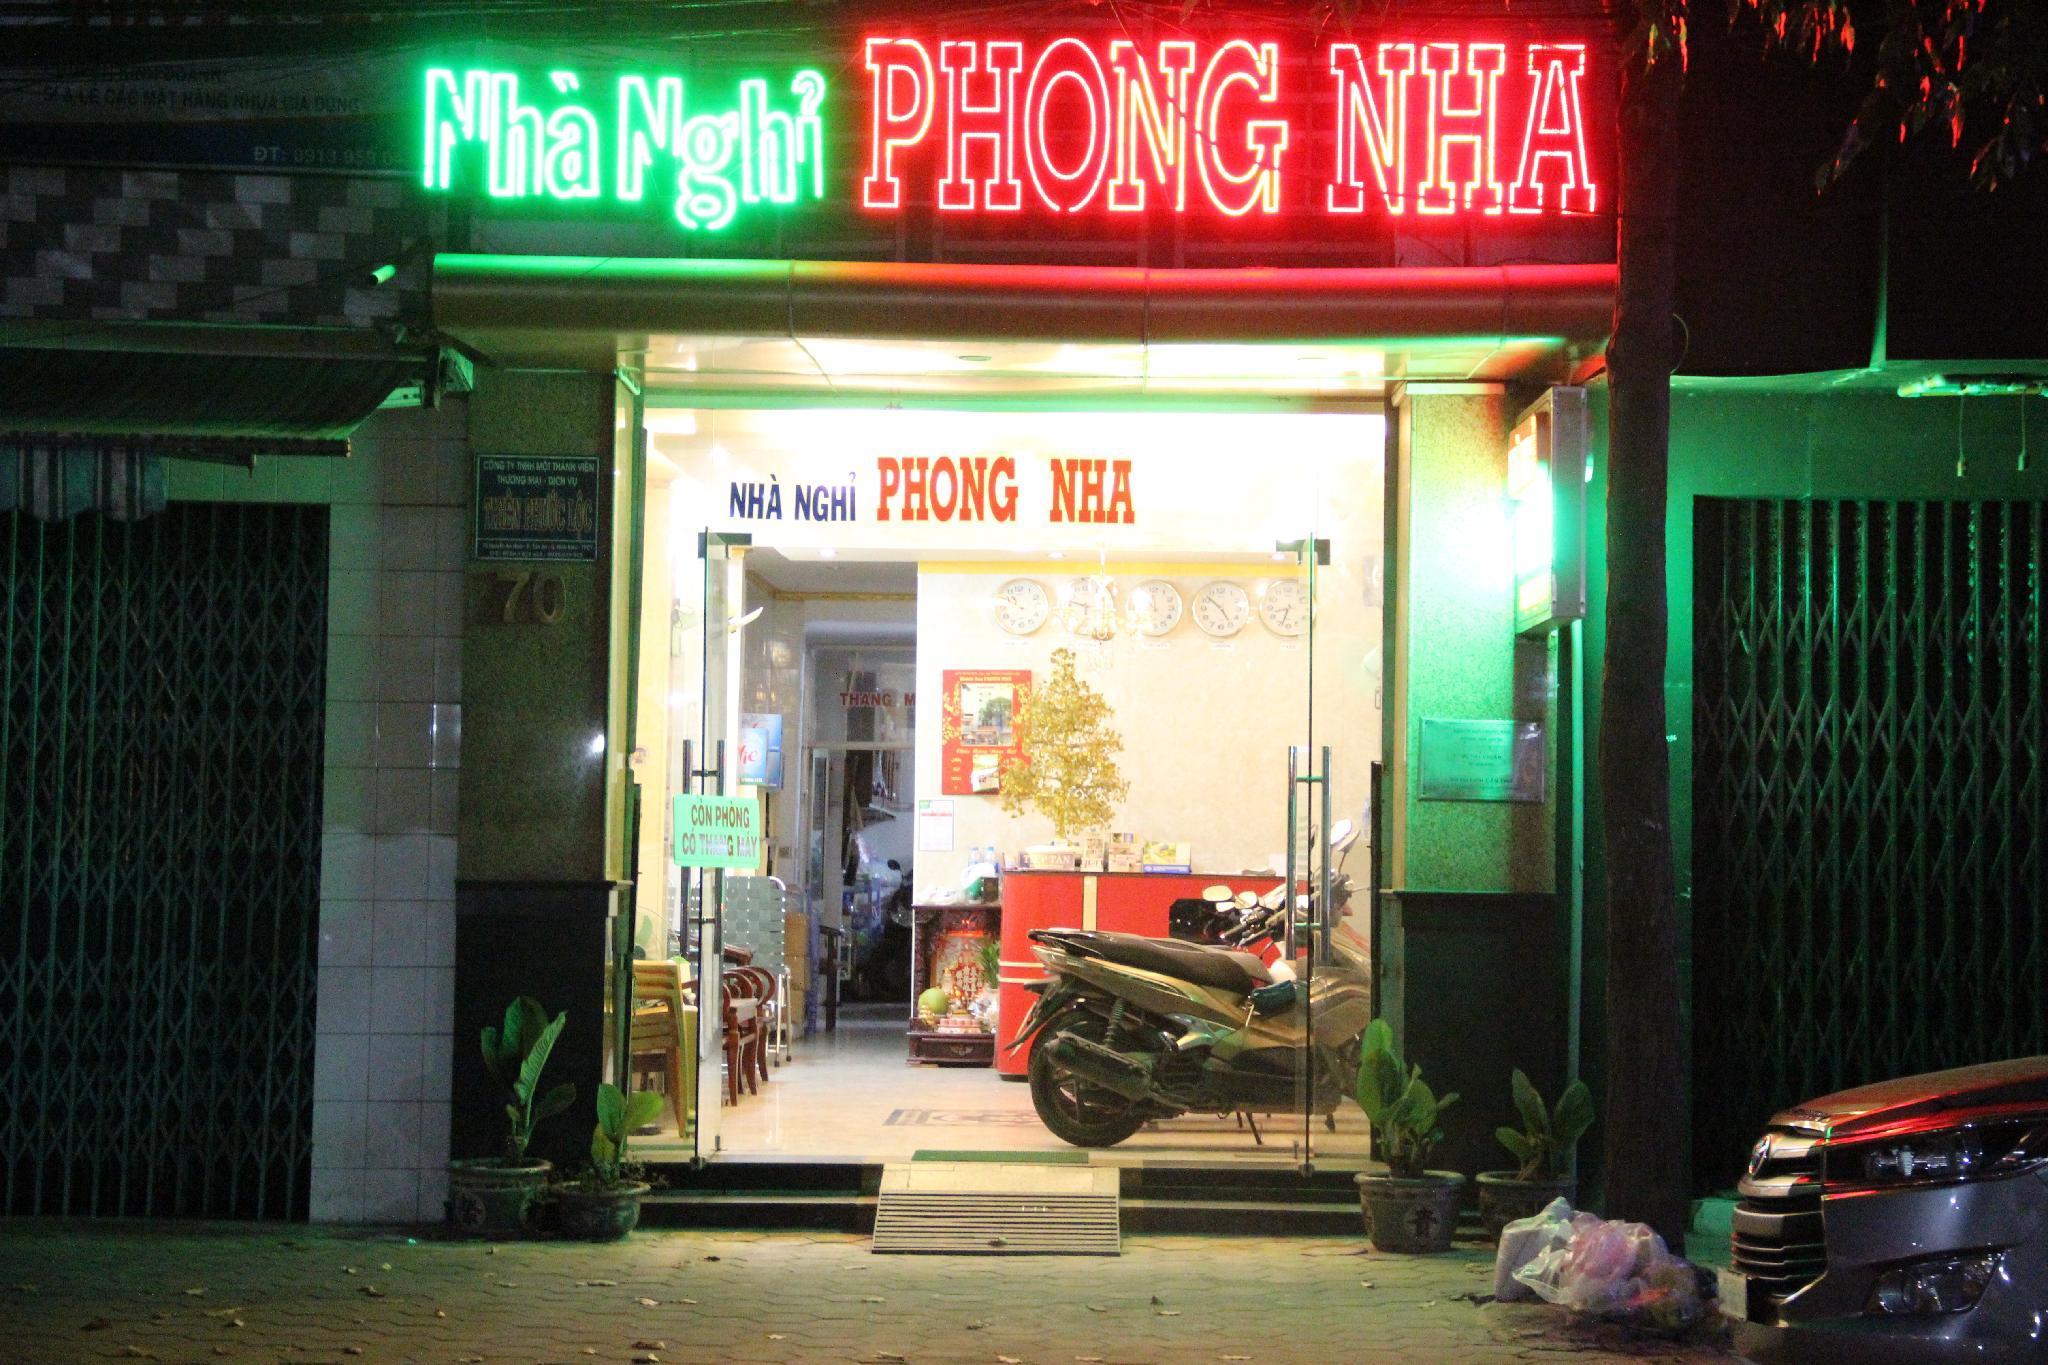 Phong Nha Motels